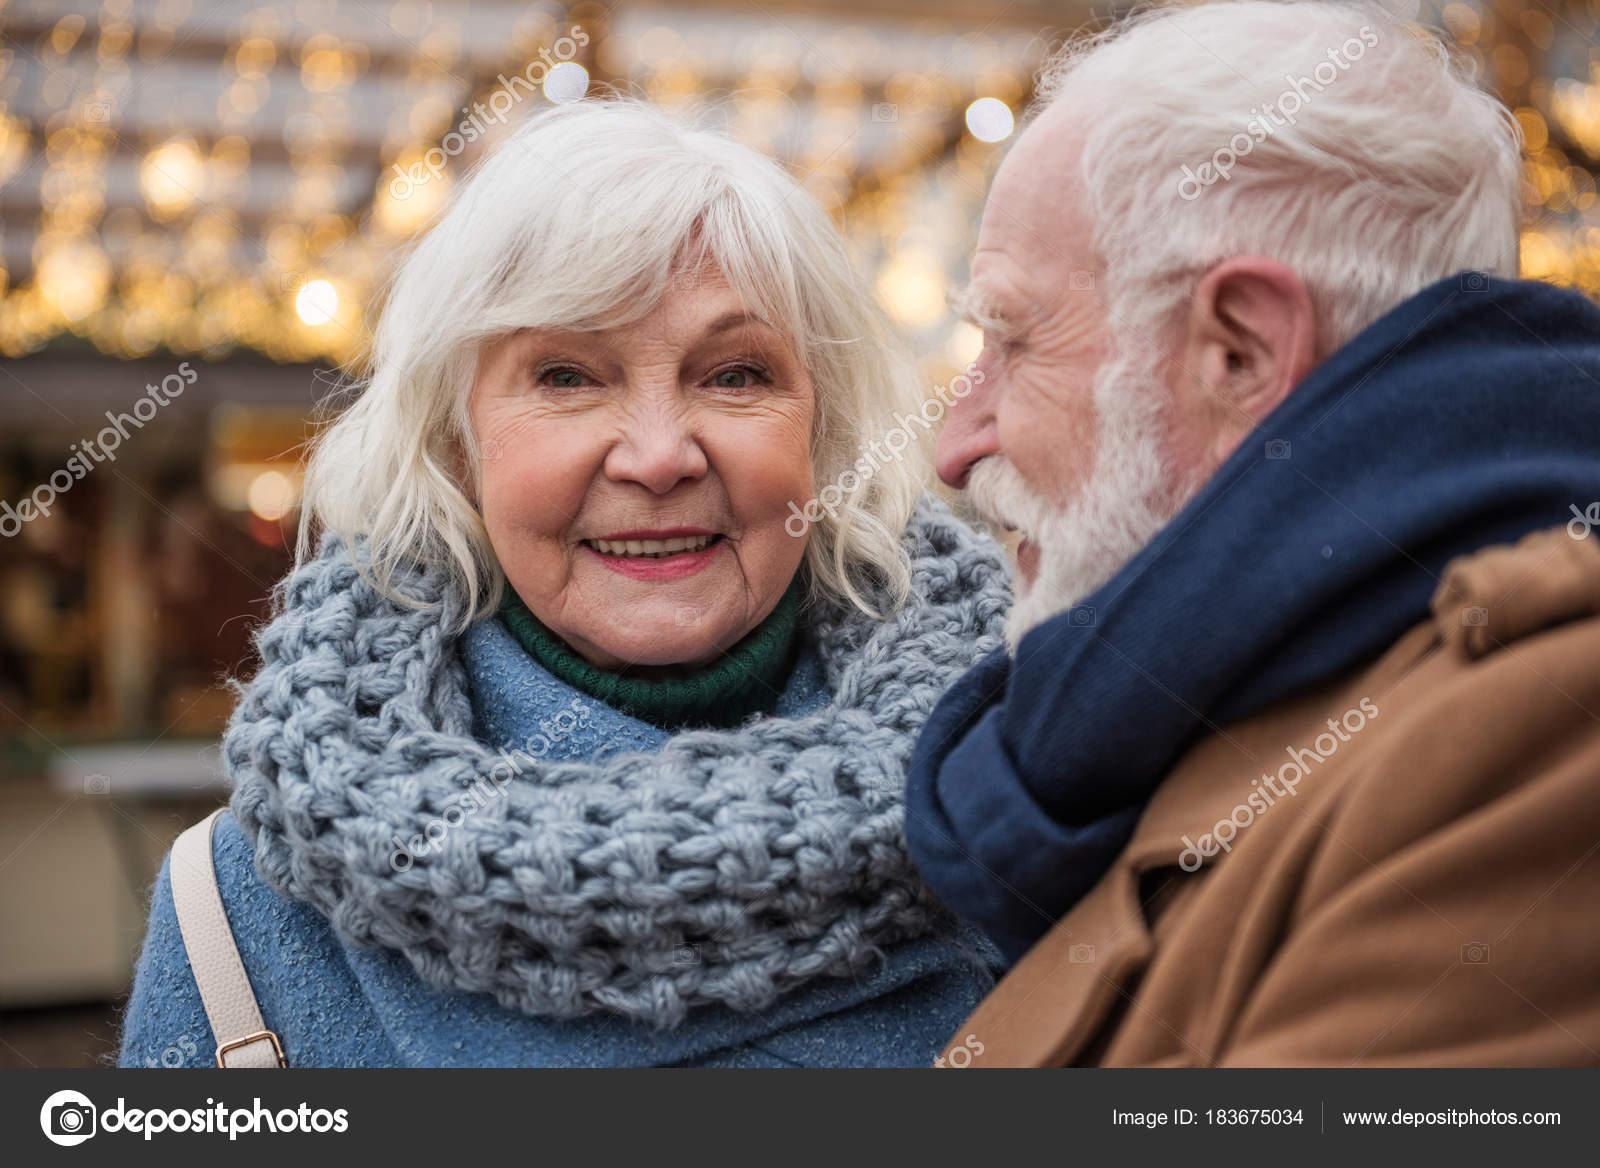 consider, Frauen Zirndorf flirte mit Frauen aus deiner Nähe speaking, opinion, obvious. have